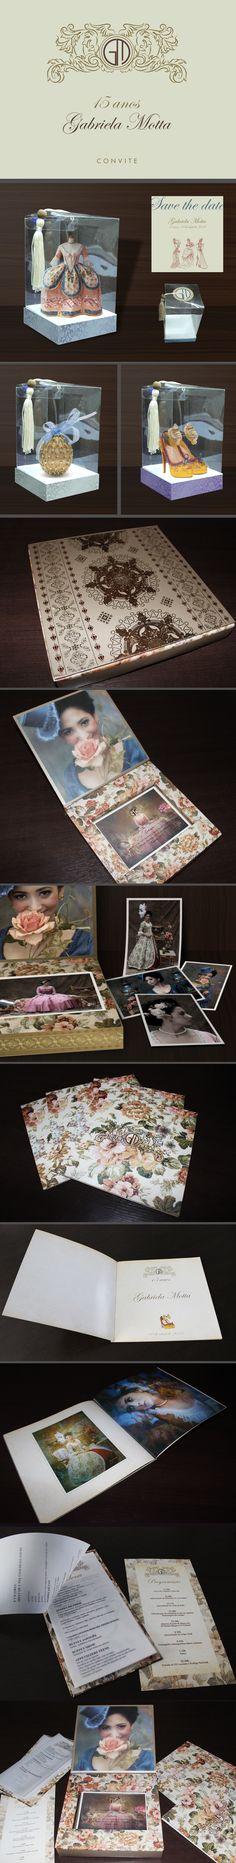 Um projeto delicioso de uma festa incrível!!! 15 anos de Gabriela Motta, inspirado em Versailles. Um evento perfeito, sonhado pelos pais e minuciosamente preparado por excelesnte profissionais. Desigenr: Priscila Áquila Designer: Priscila Áquila